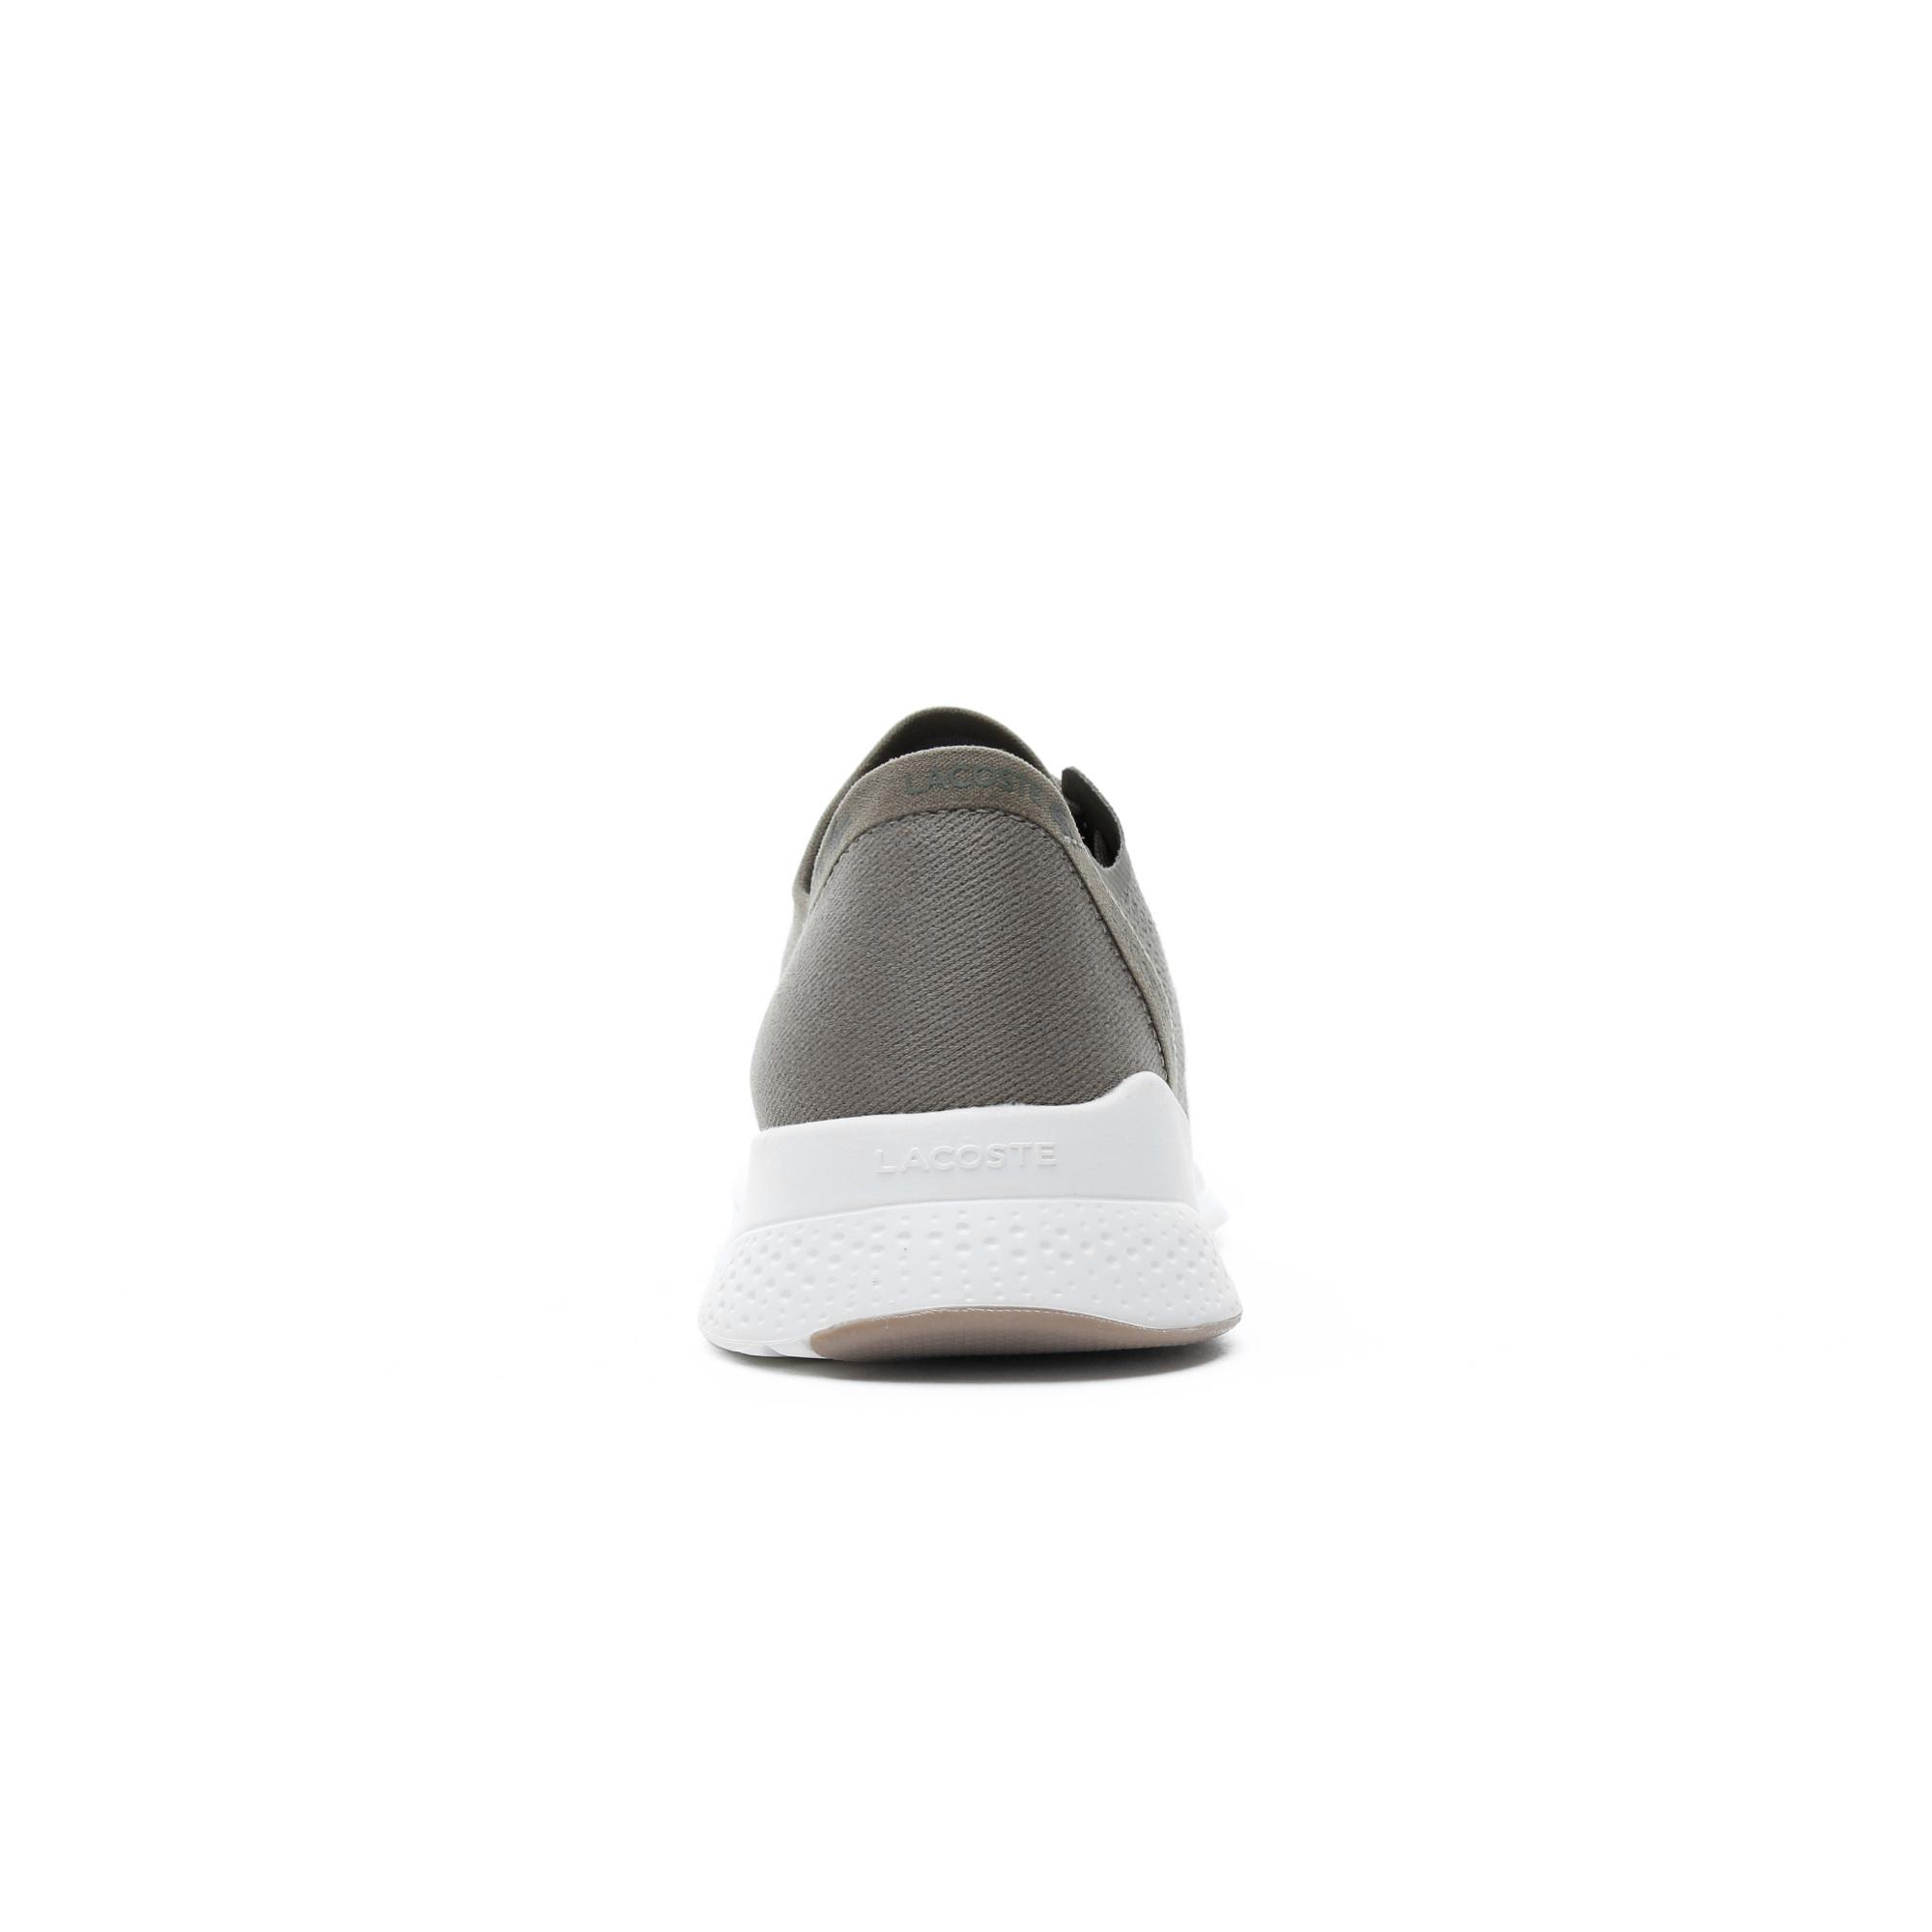 Lacoste Erkek Haki - Bej LT Fit 119 3 Spor Ayakkabı